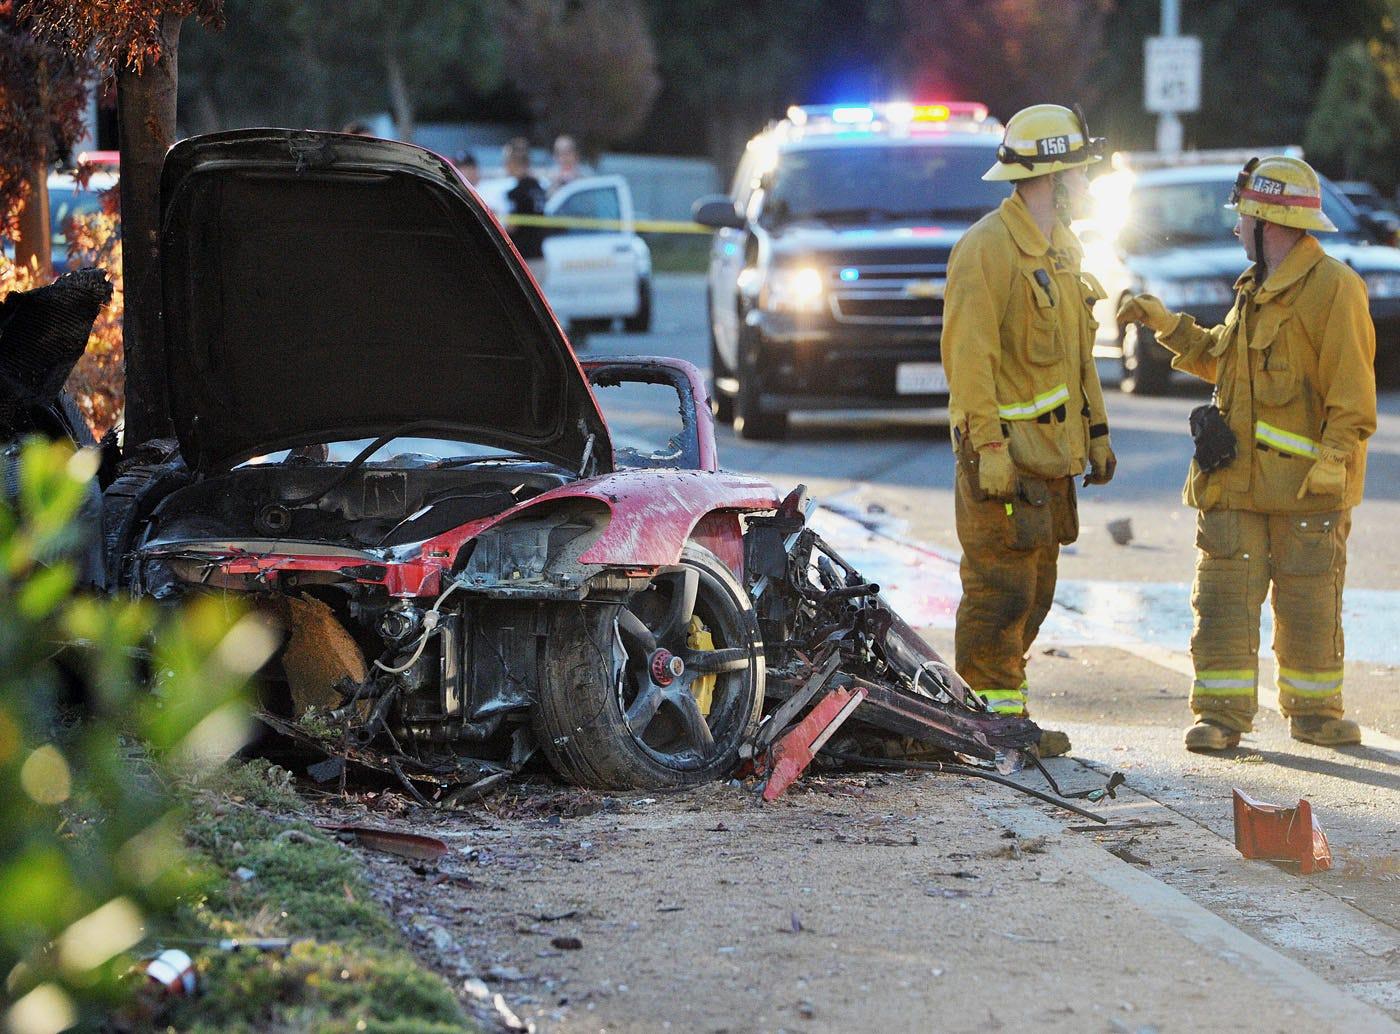 Eyewitness to Paul Walker crash describes gruesome scene